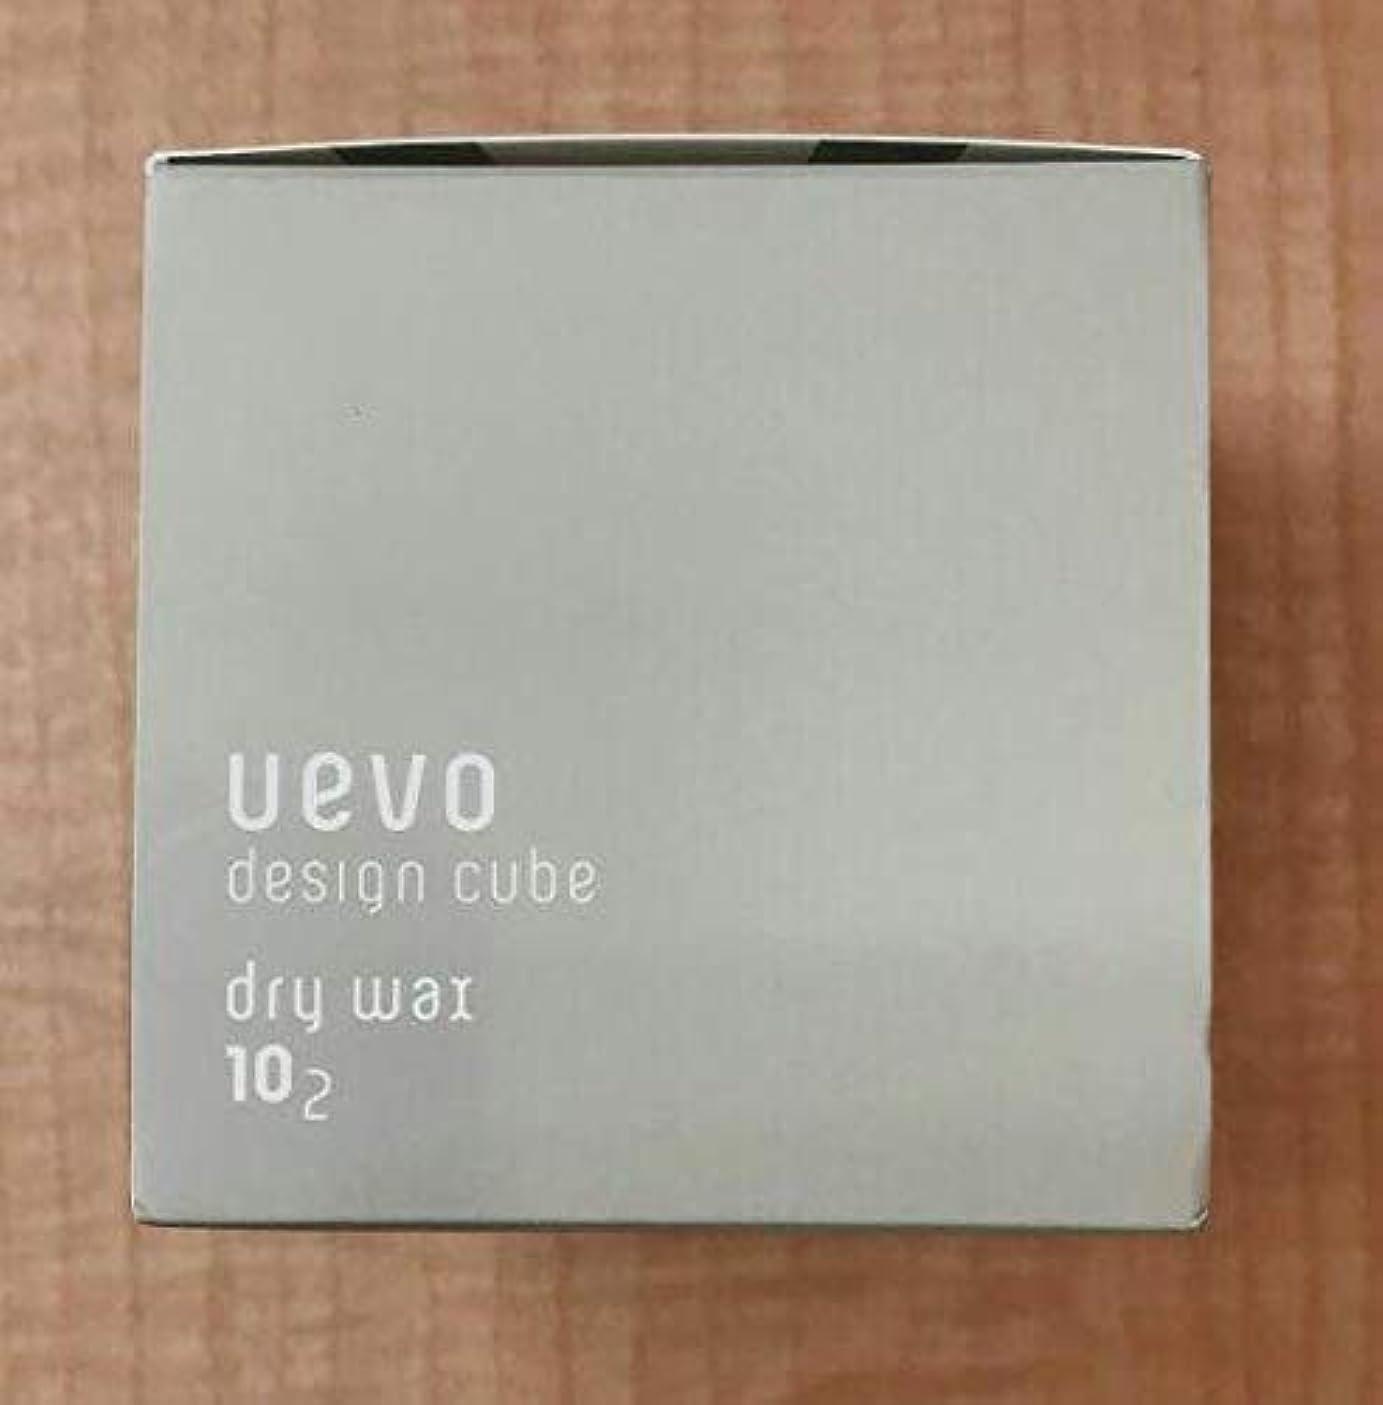 クスコ娯楽ラビリンス【X2個セット】 デミ ウェーボ デザインキューブ ドライワックス 80g dry wax